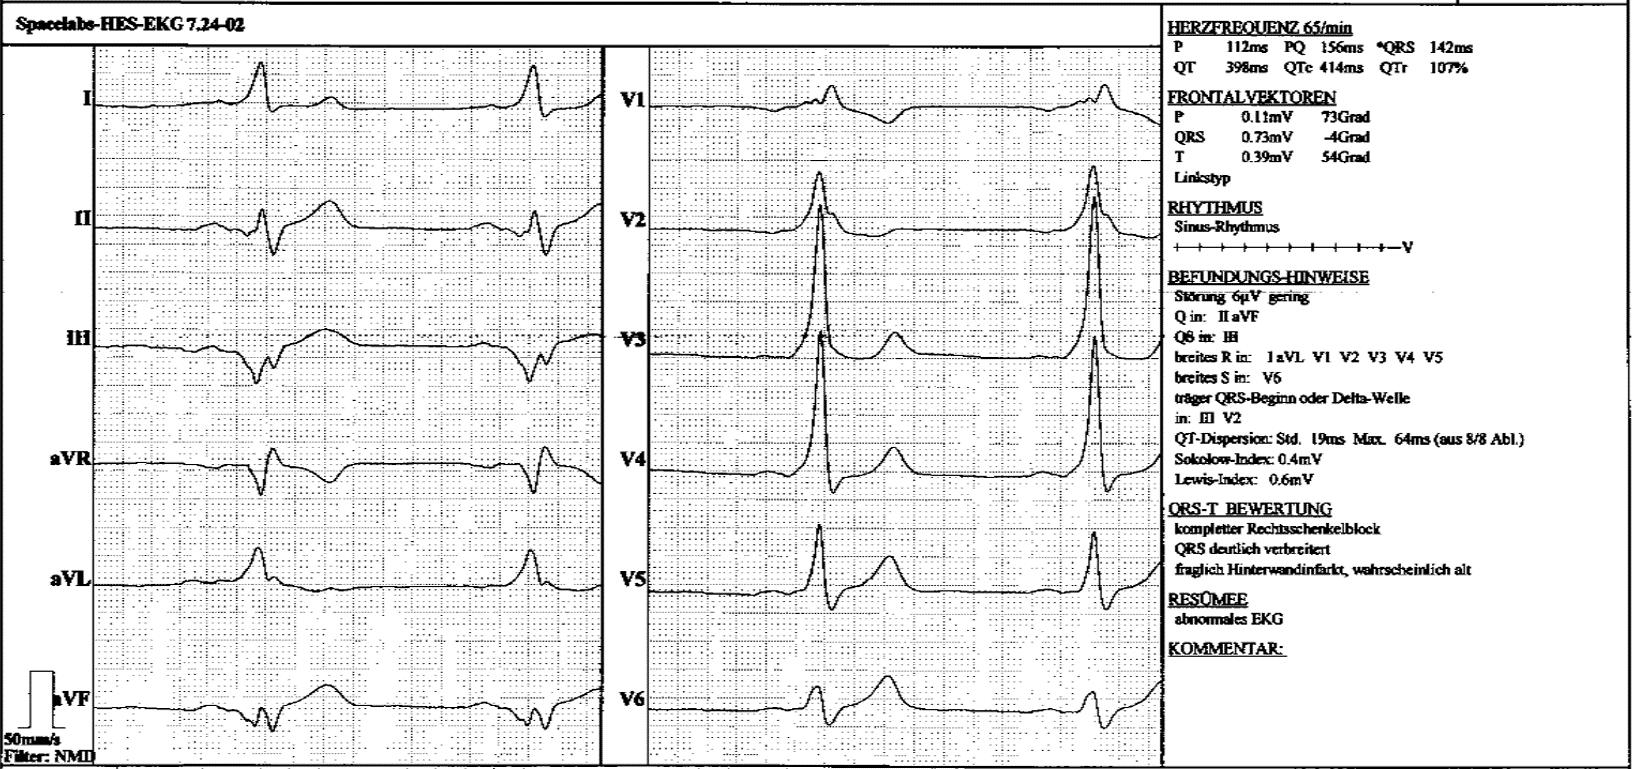 Av Reentry Tachykardie Und Ventrikulare Praexzitation Wpw Syndrom Fokus Ekg